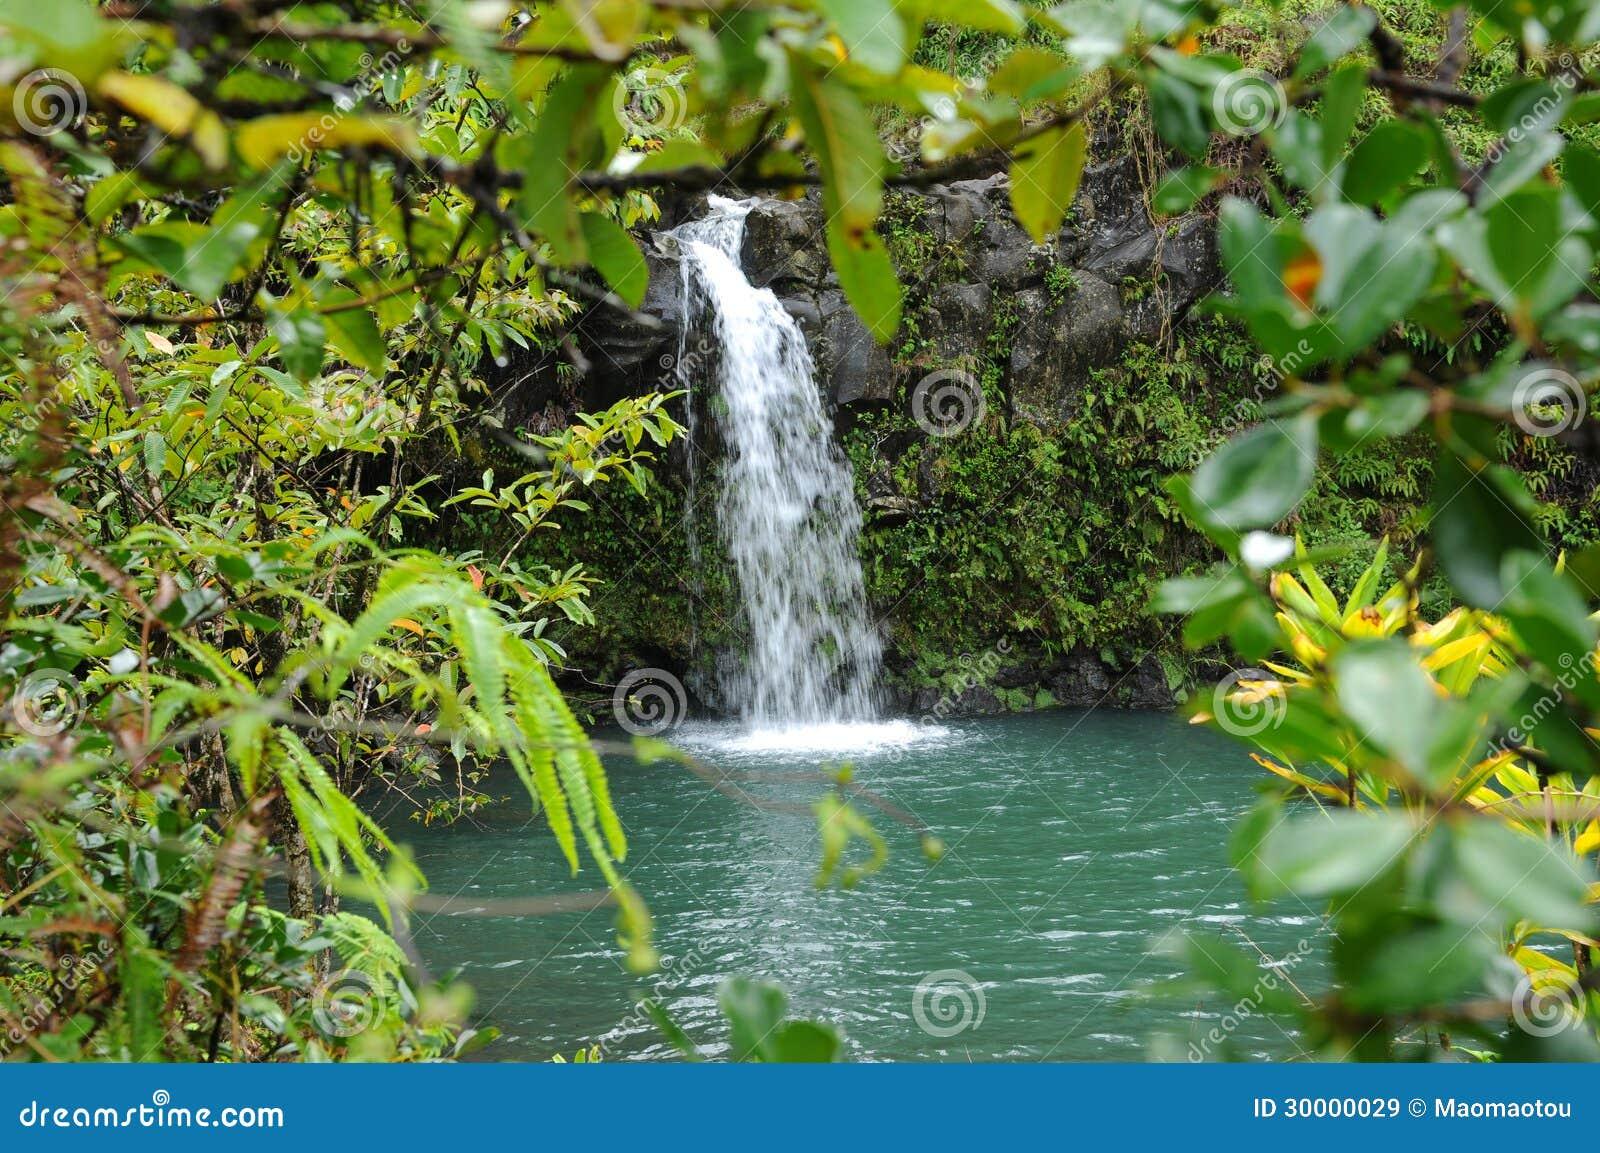 Wasserfall im regenwald stockbild bild von klima teich for Kleiner teich